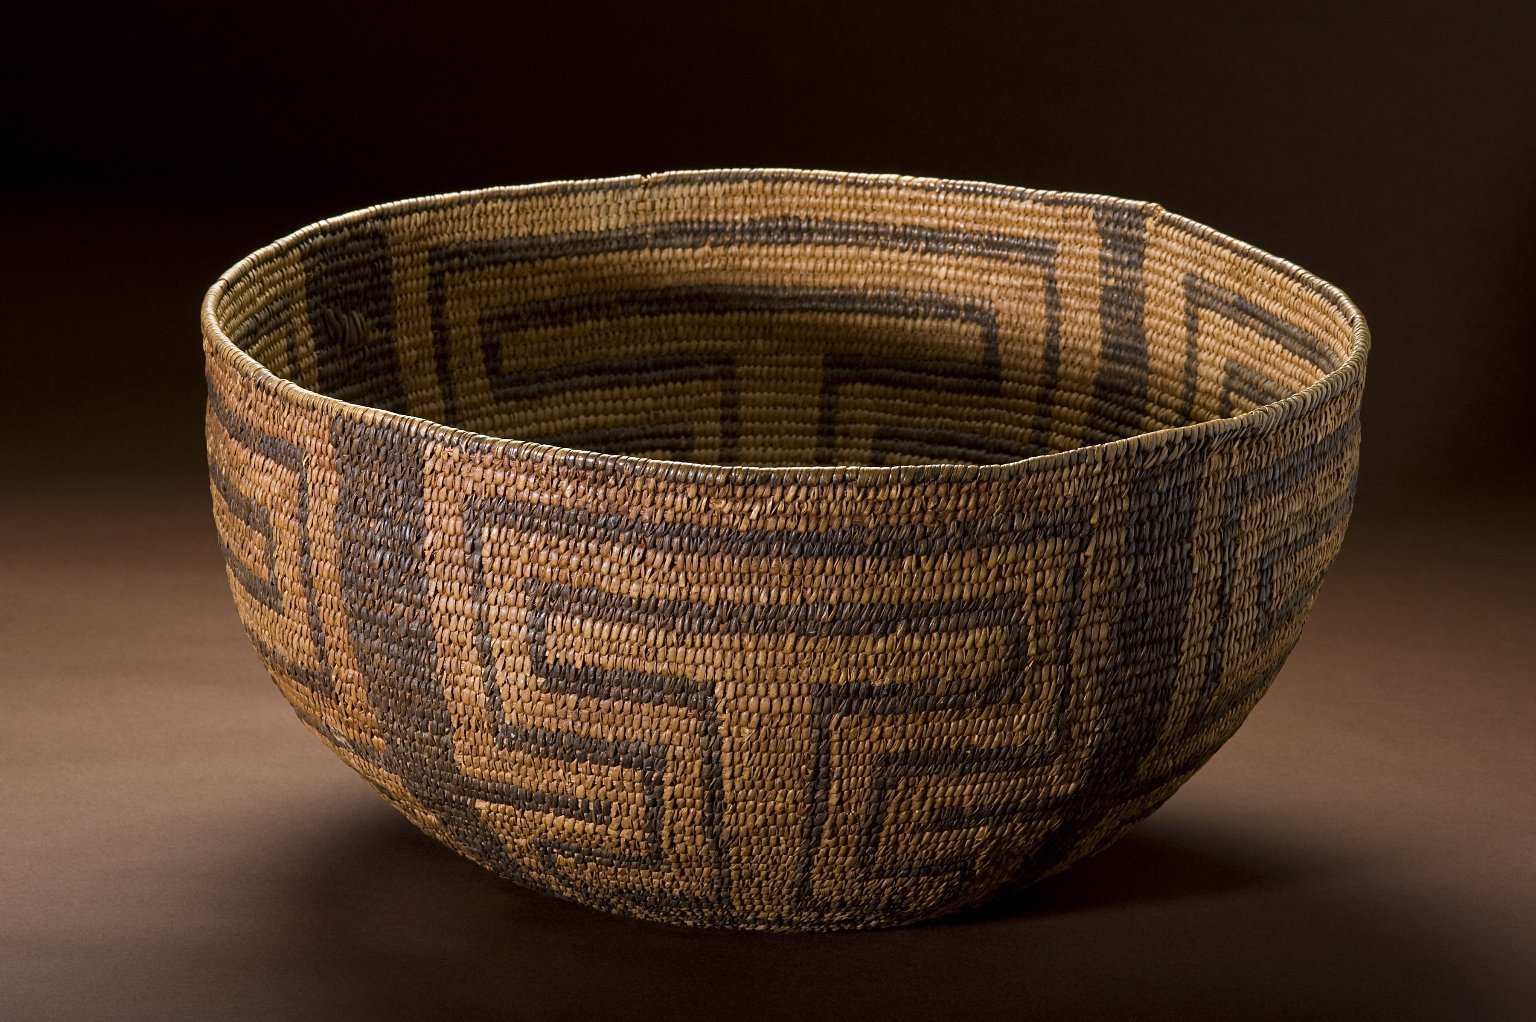 Willow basket bowl